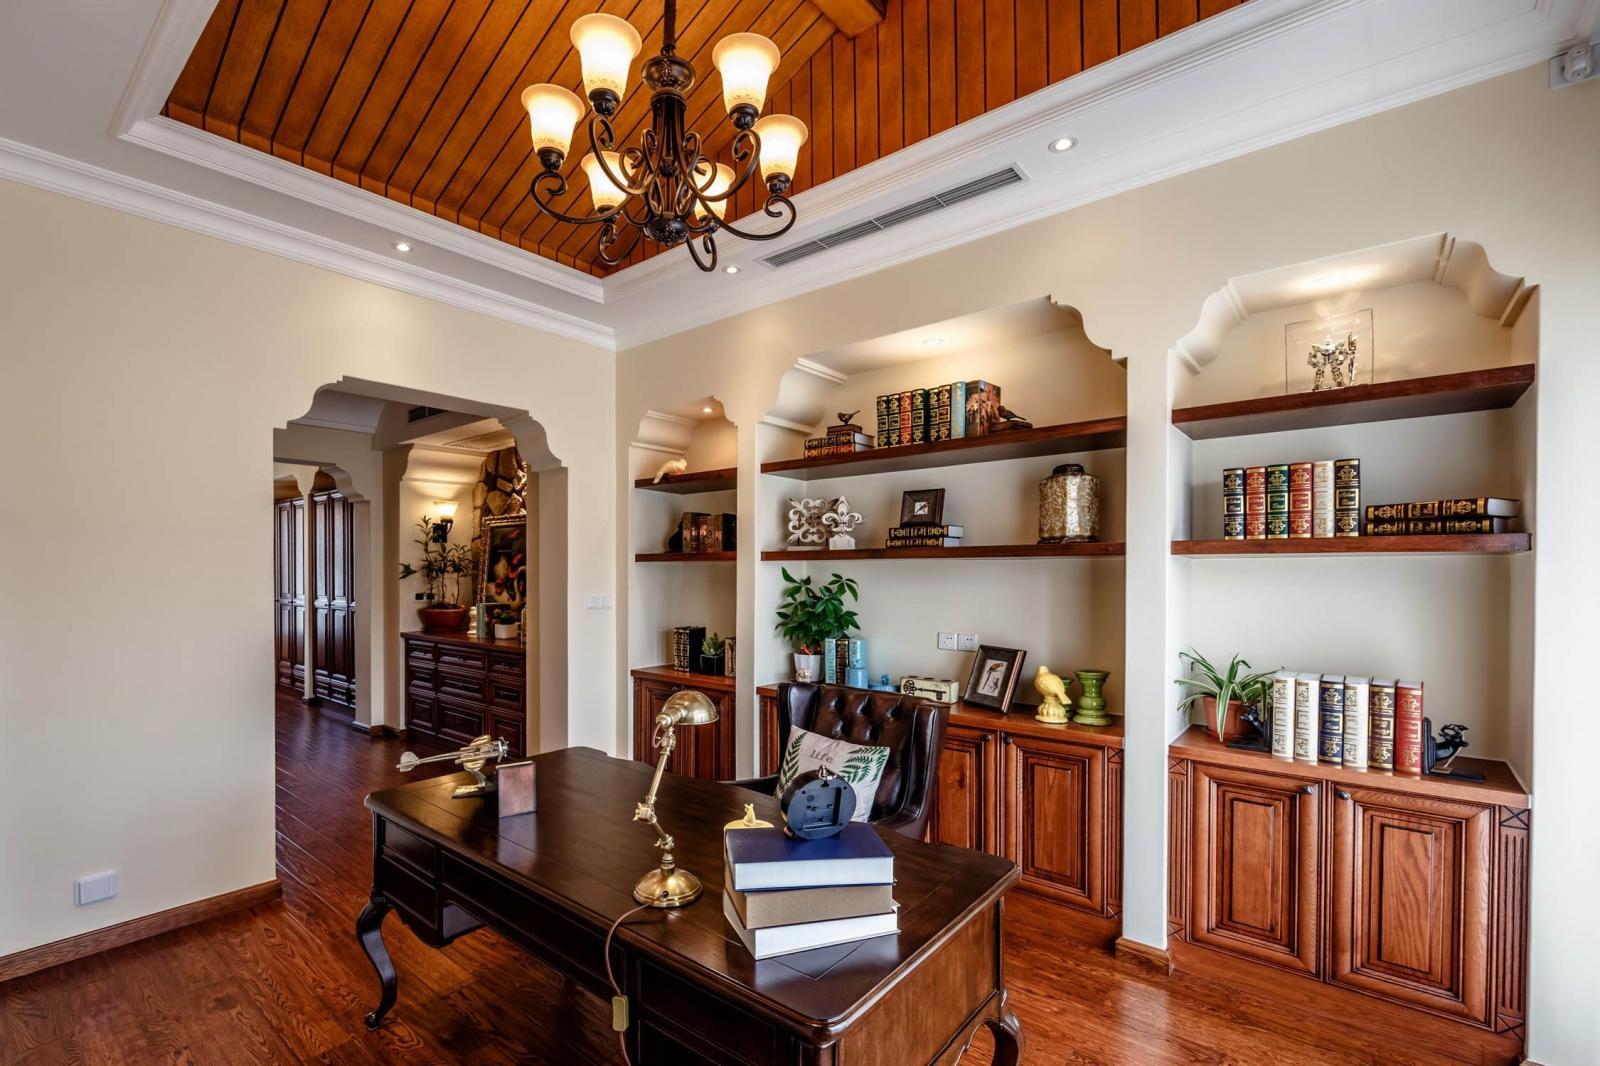 雅阁花园别墅美式风格设计案例